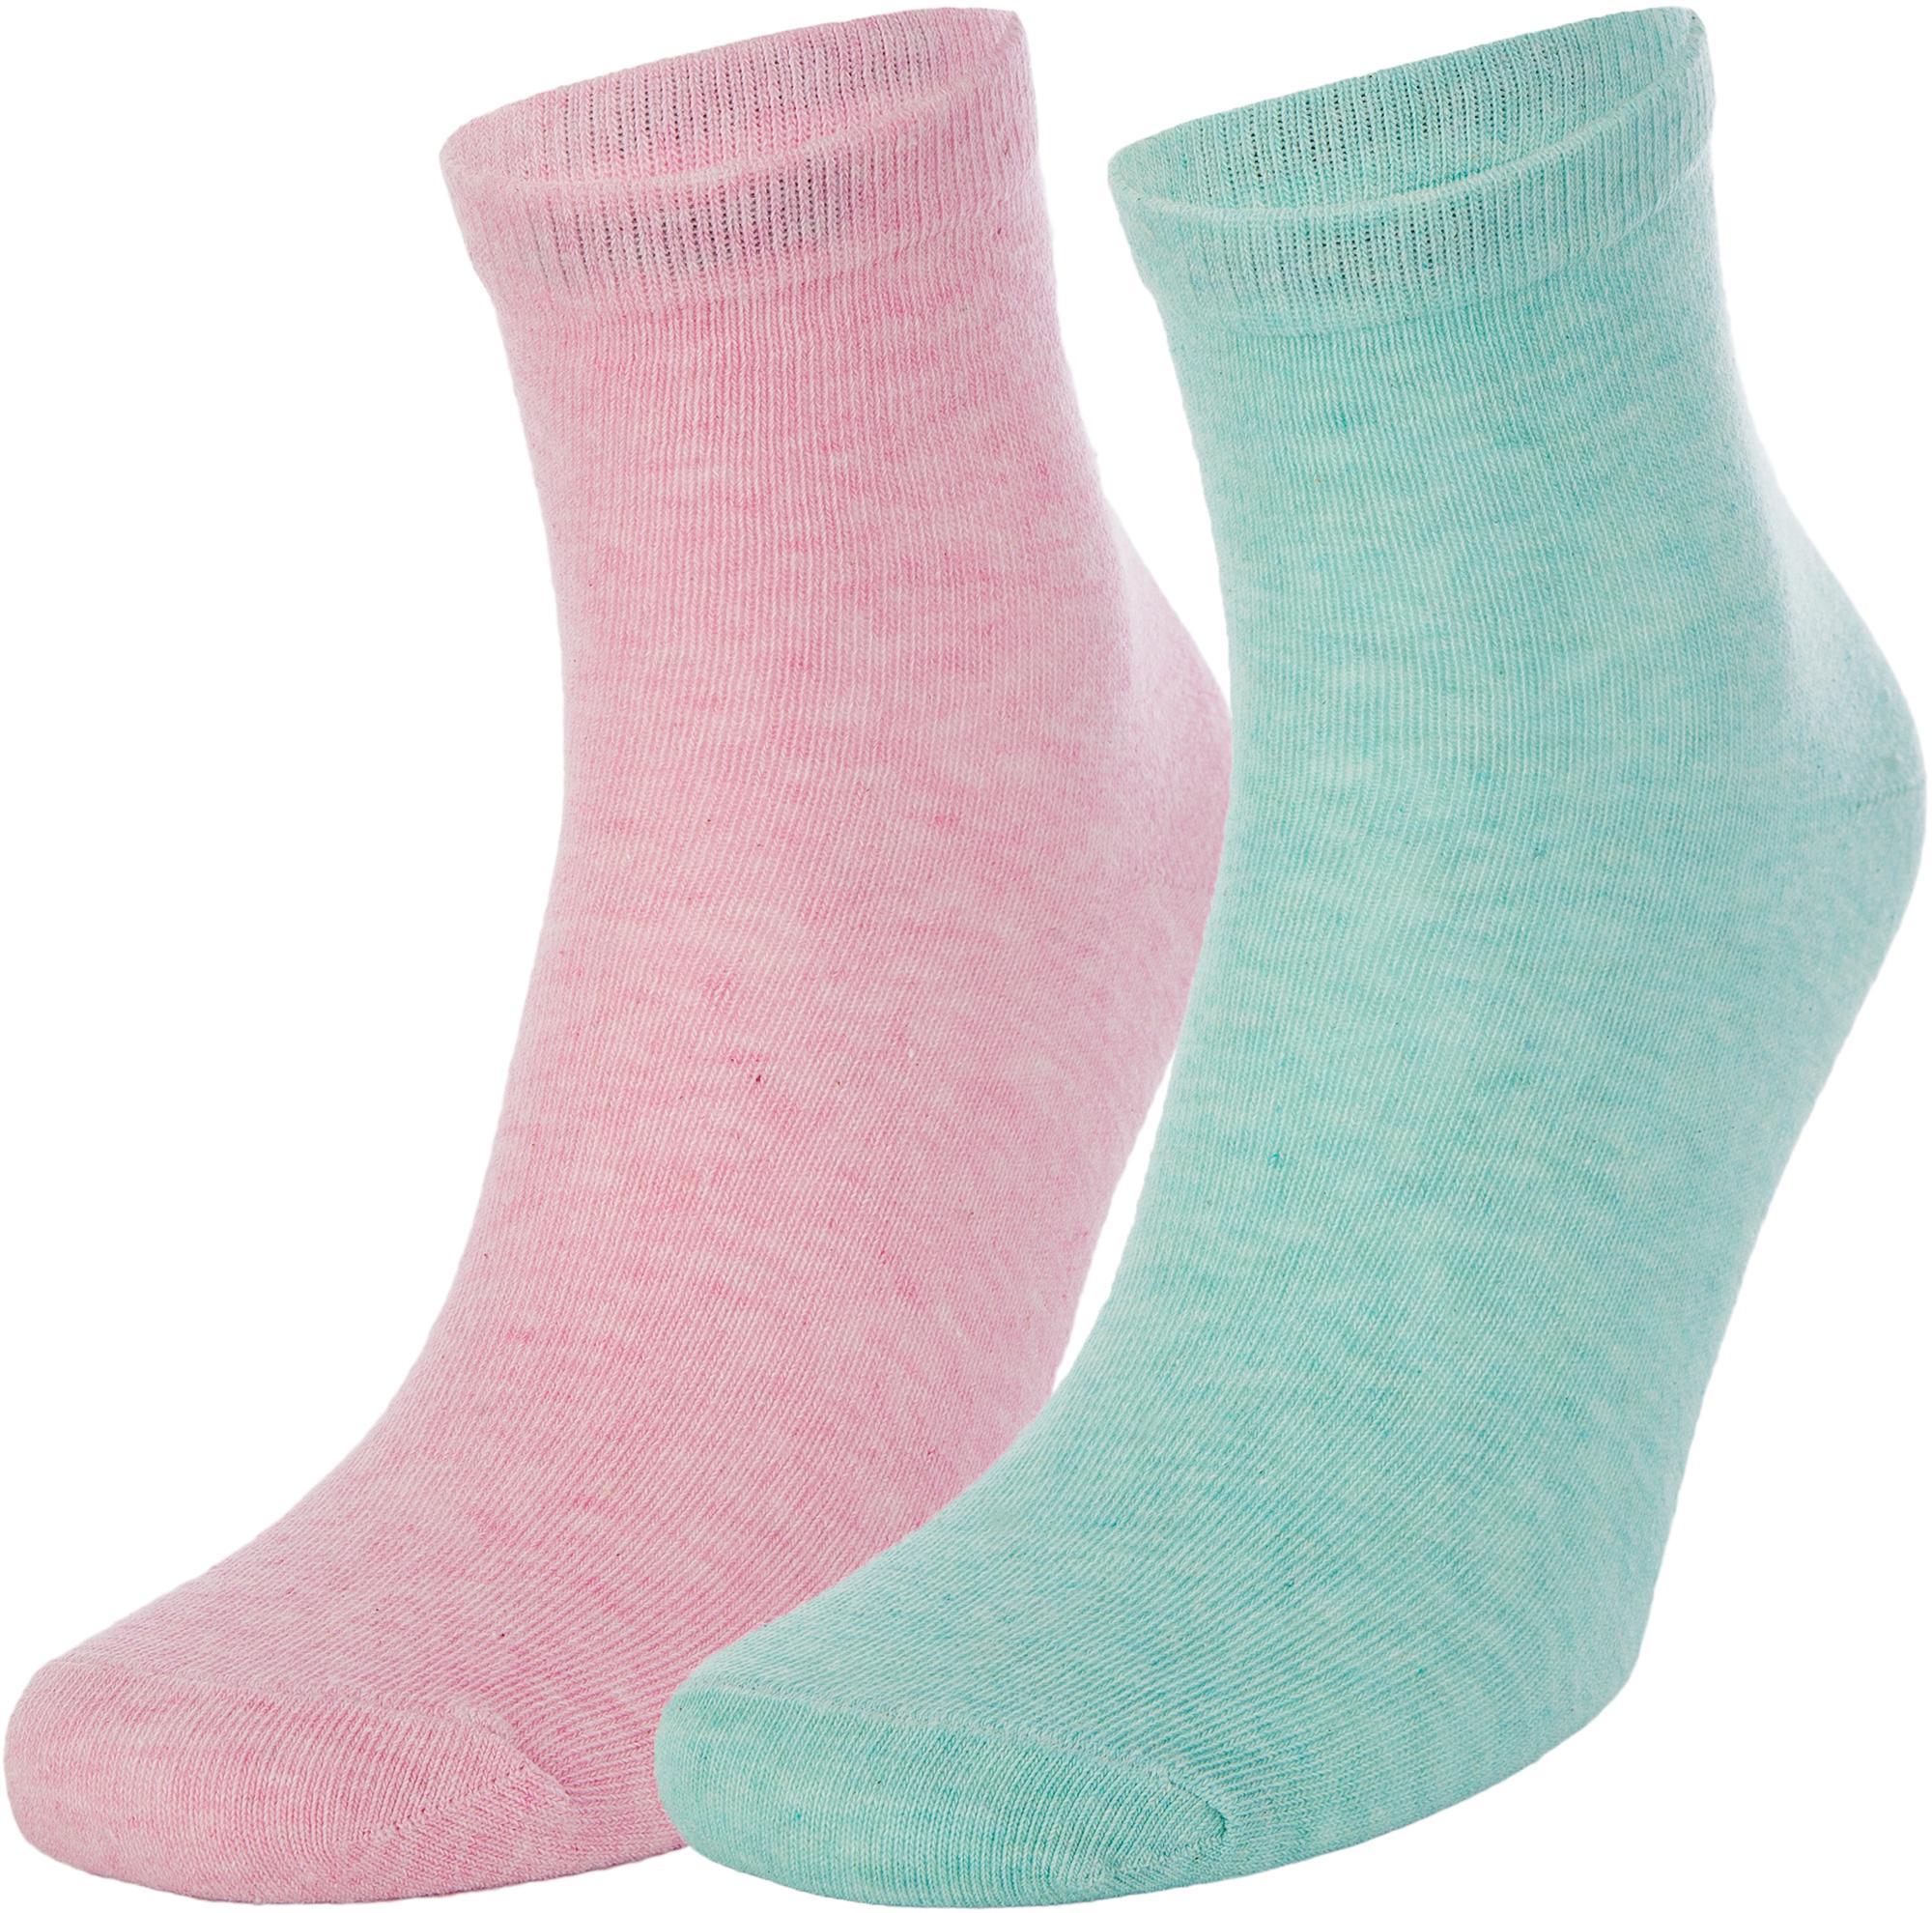 белье acoola носки детские 2 пары цвет ассорти размер 16 18 32114420052 Demix Носки детские Demix, 2 пары, размер 34-36